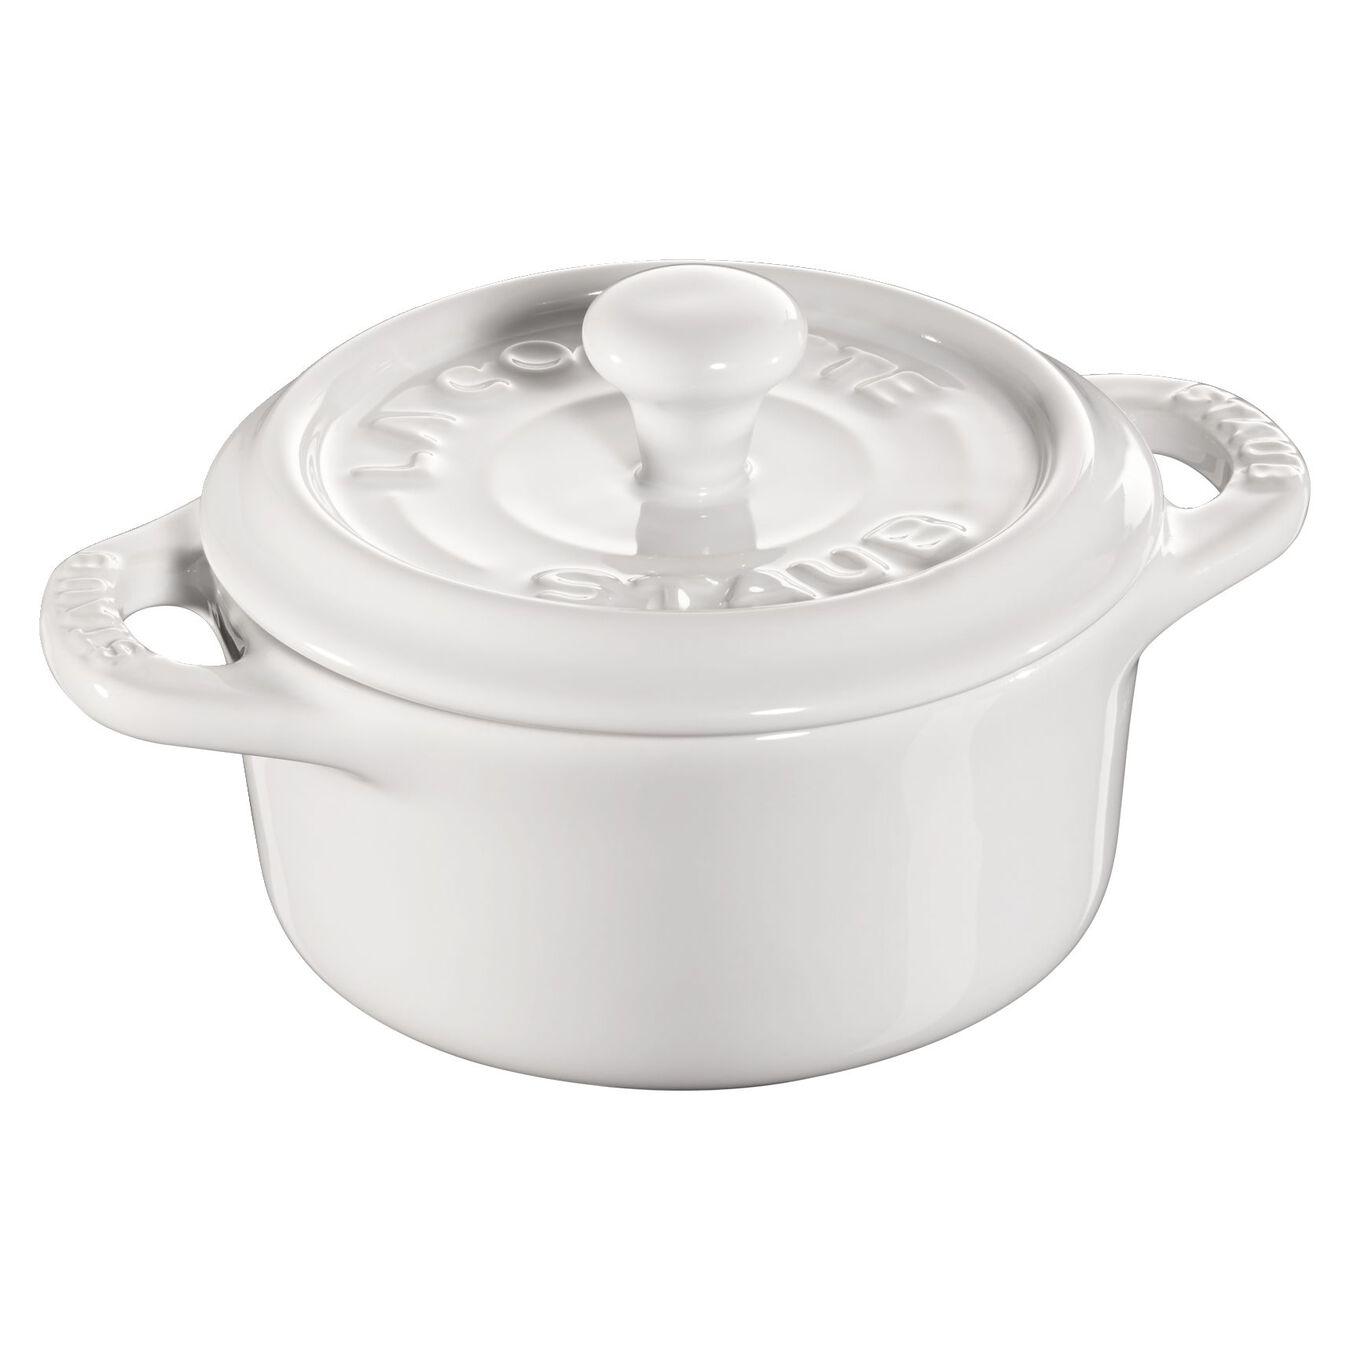 Mini Cocotte 10 cm, Rond(e), Blanc pur, Céramique,,large 1